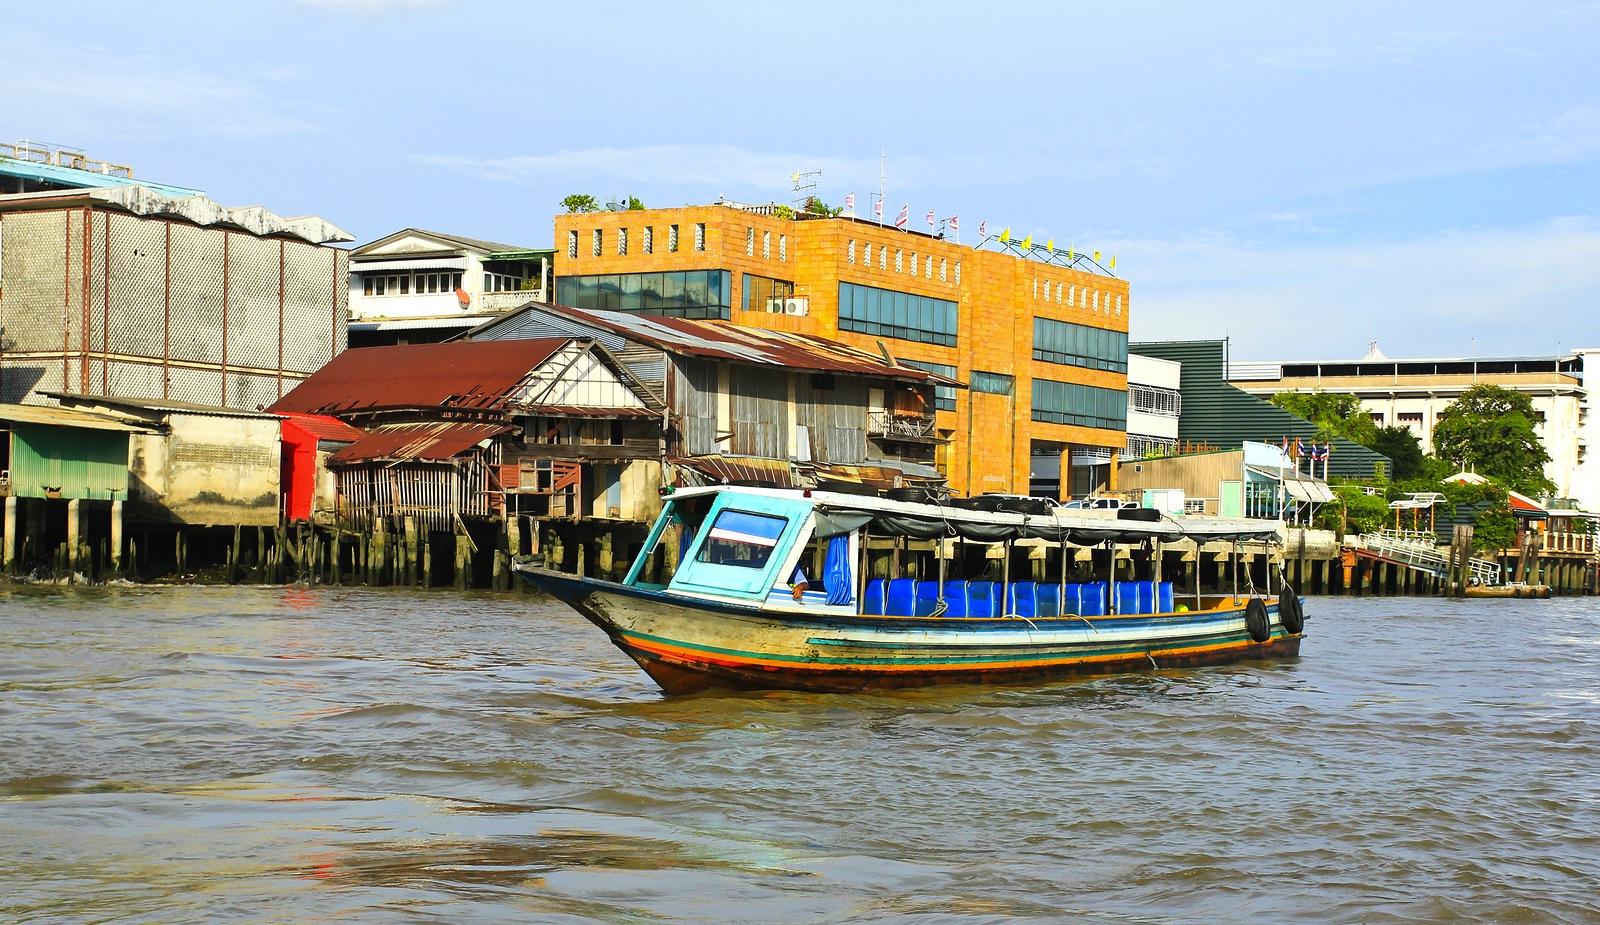 Boat in Bangkok